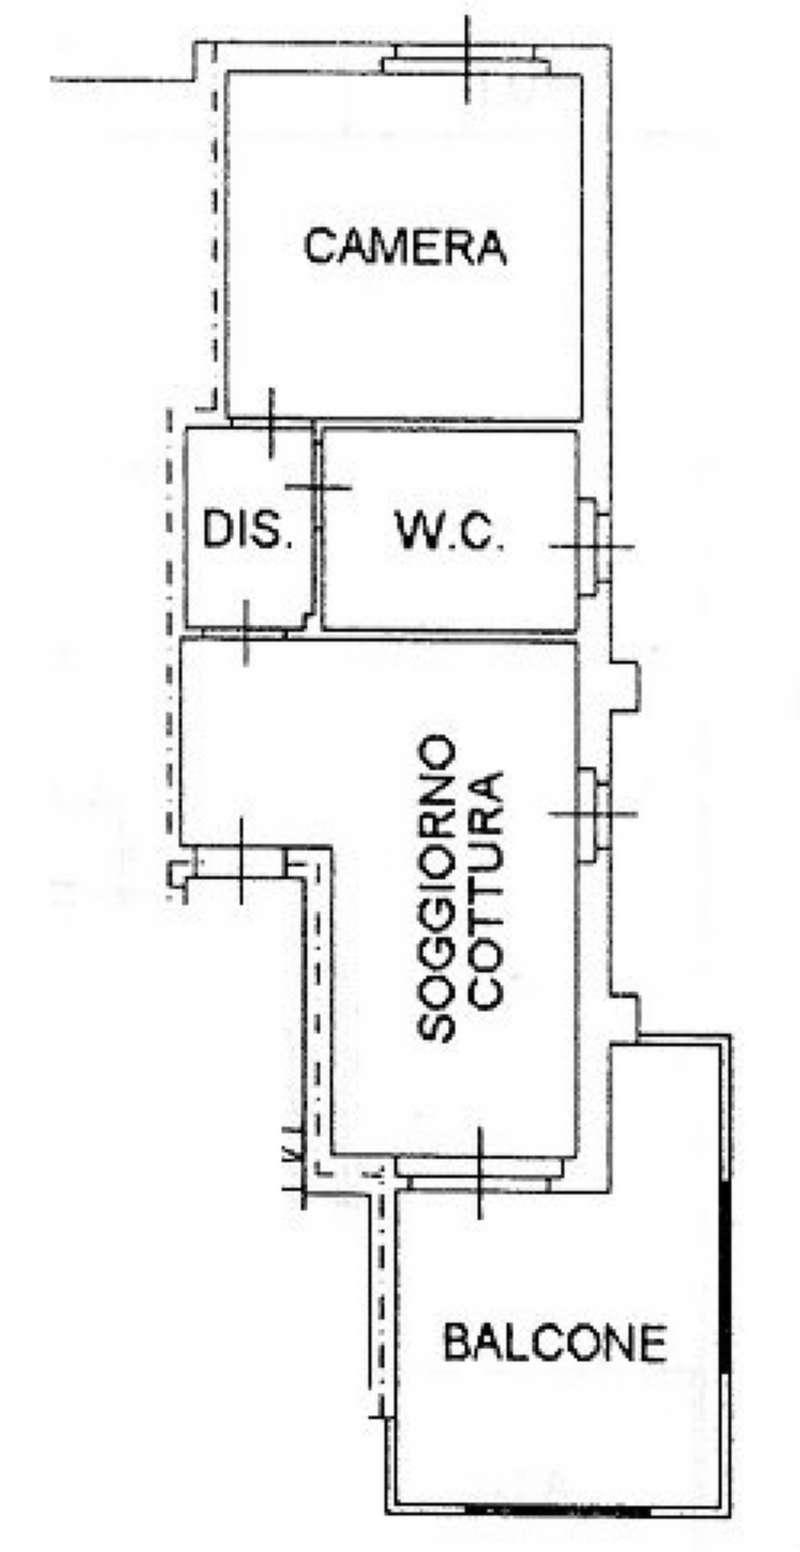 Vendita  bilocale Legnano Via Sauro 1 1038834